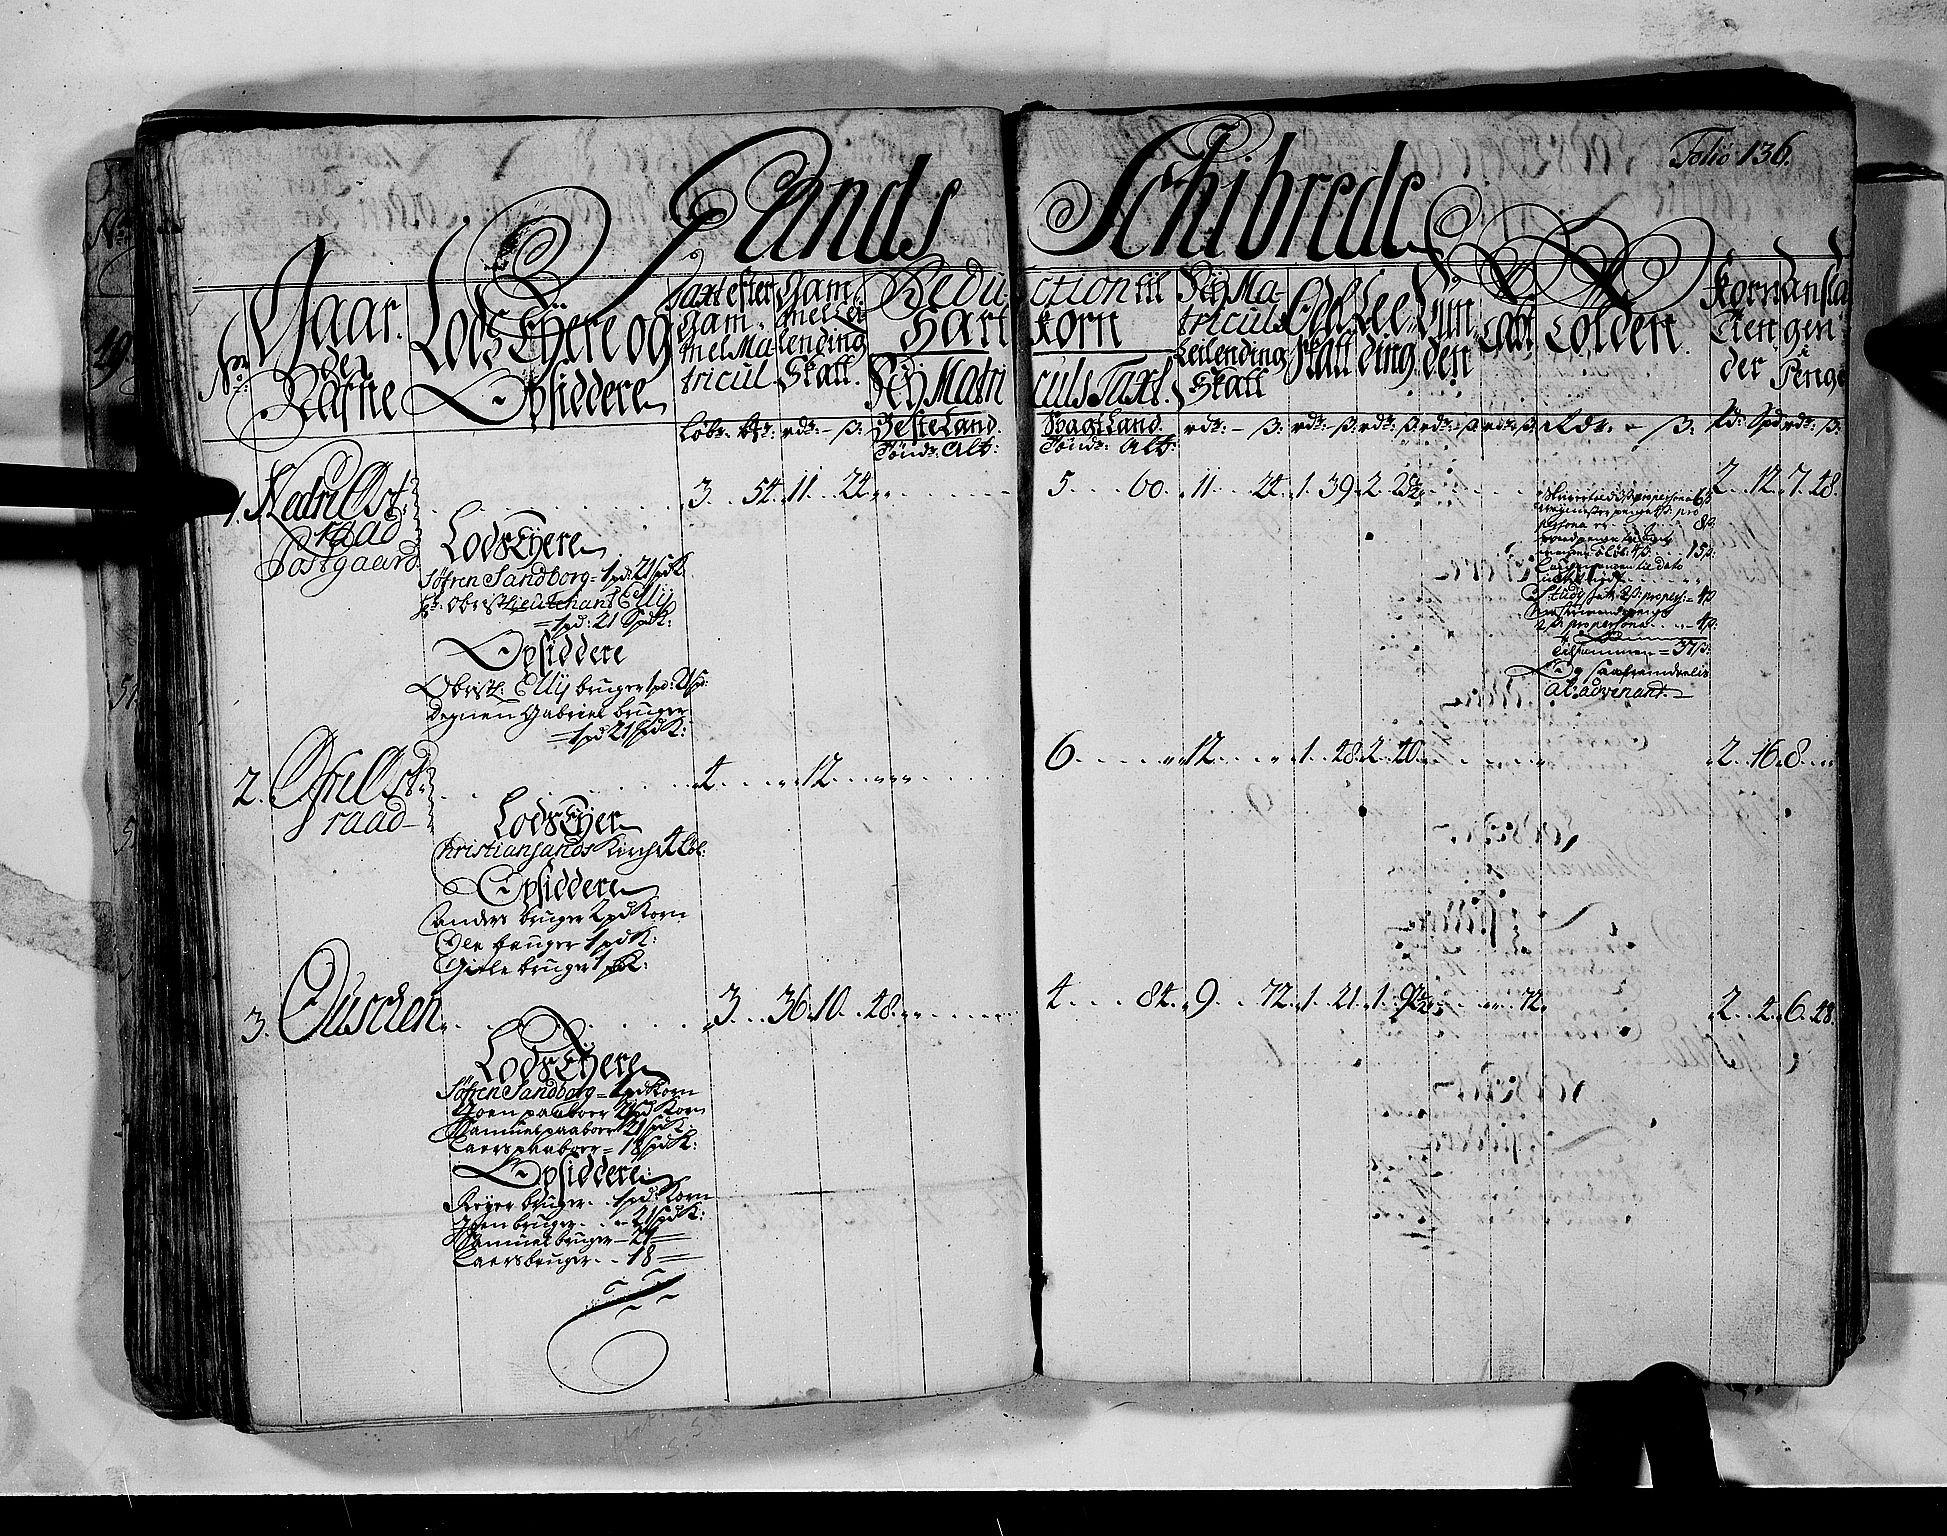 RA, Rentekammeret inntil 1814, Realistisk ordnet avdeling, N/Nb/Nbf/L0132: Jæren og Dalane matrikkelprotokoll, 1723, s. 135b-136a